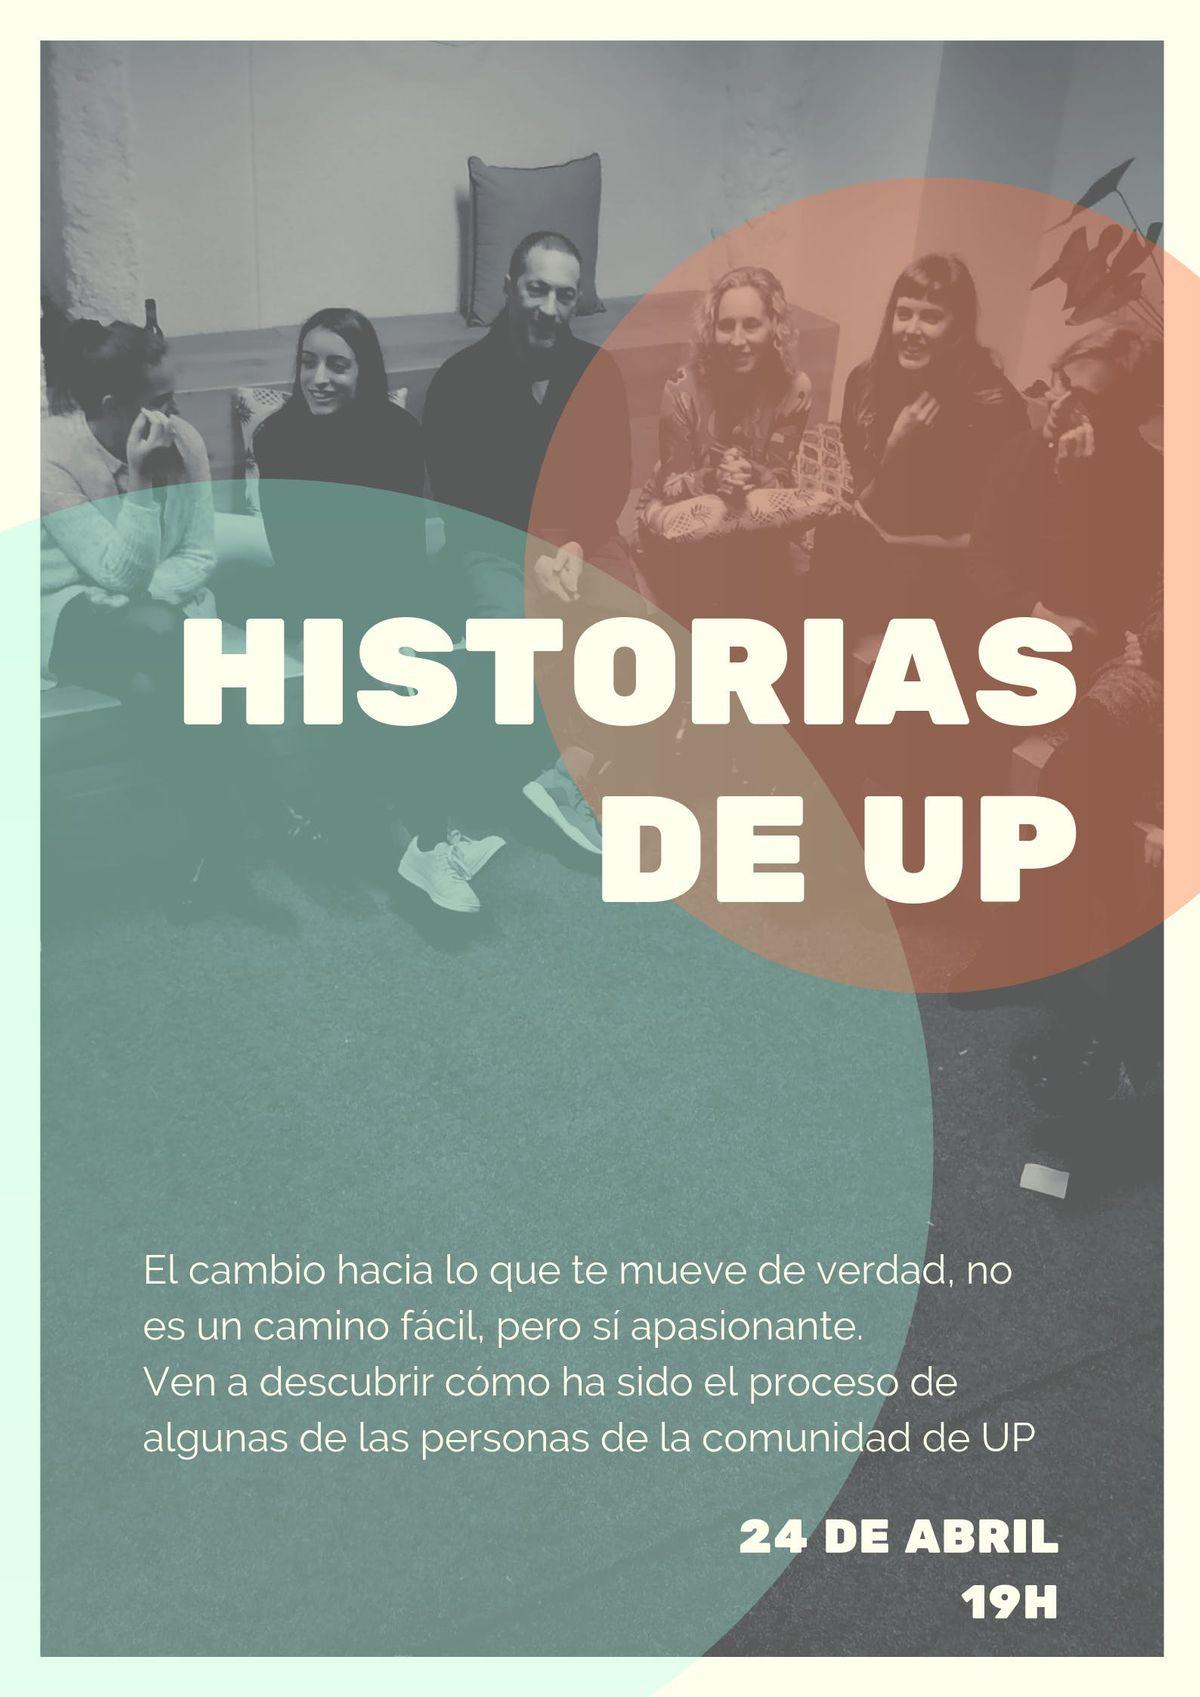 Historias de Up